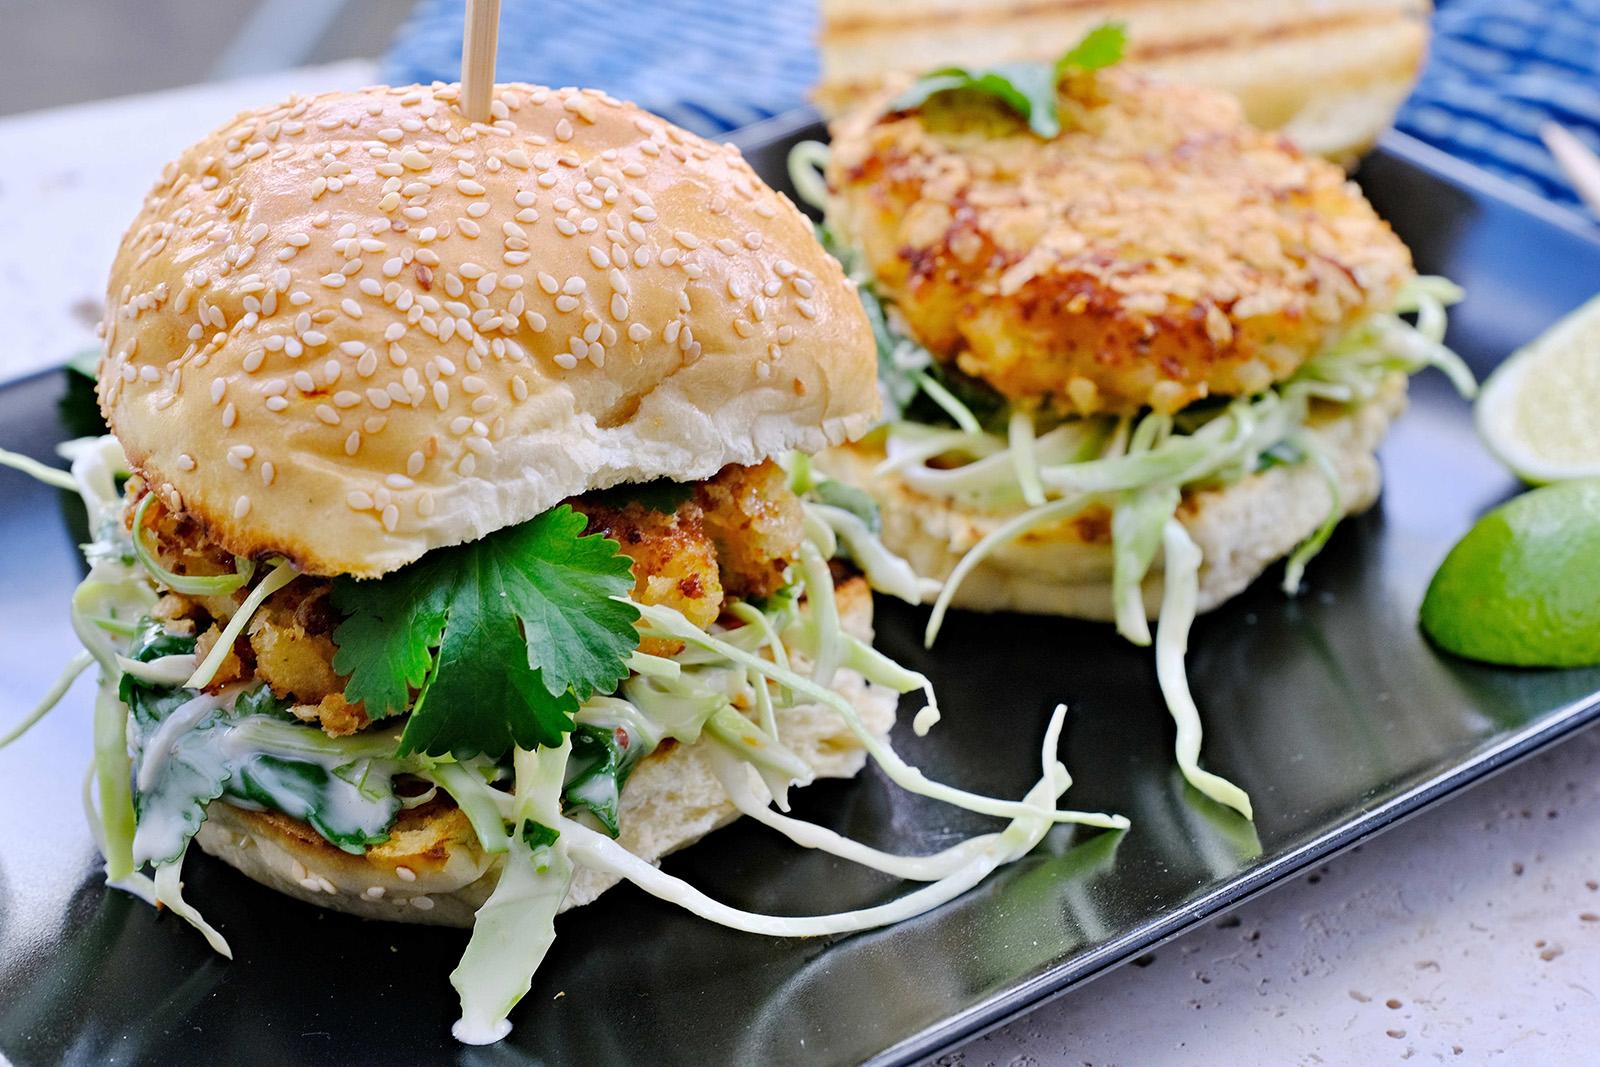 Rychlé a chutné- Krevetkový bruger s coleslaw s koriandrem a chilli majonézou